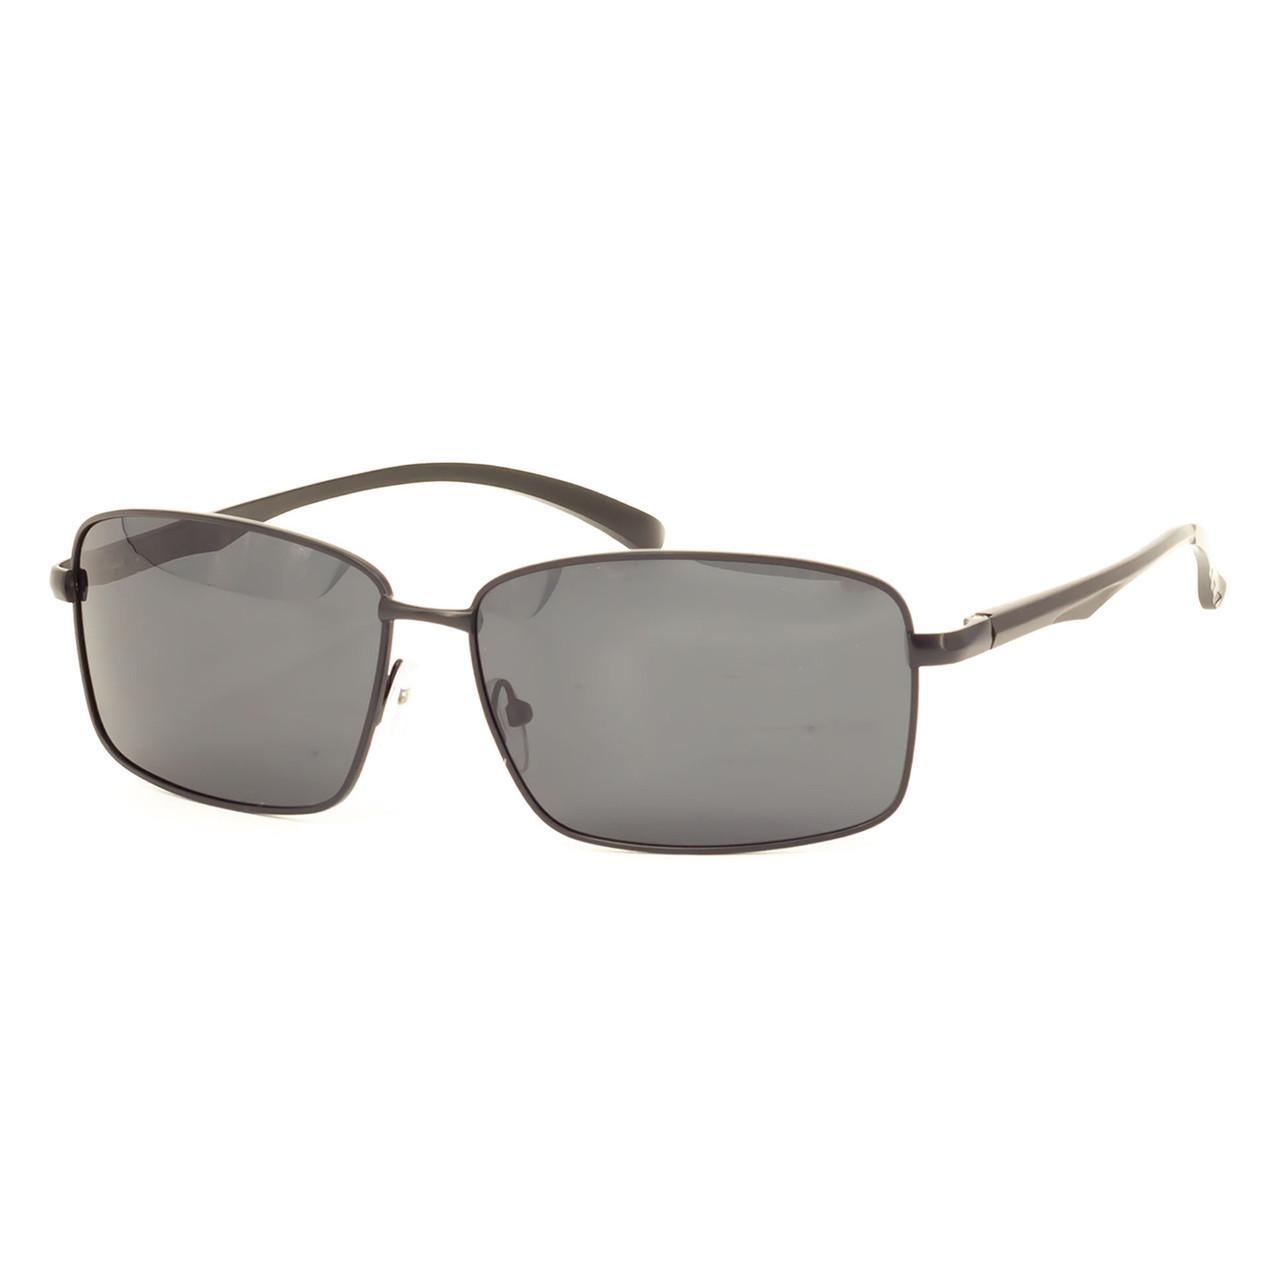 Сонцезахисні окуляри Marmilen Polar 1913 C1 чорні ( BA1913-01 )